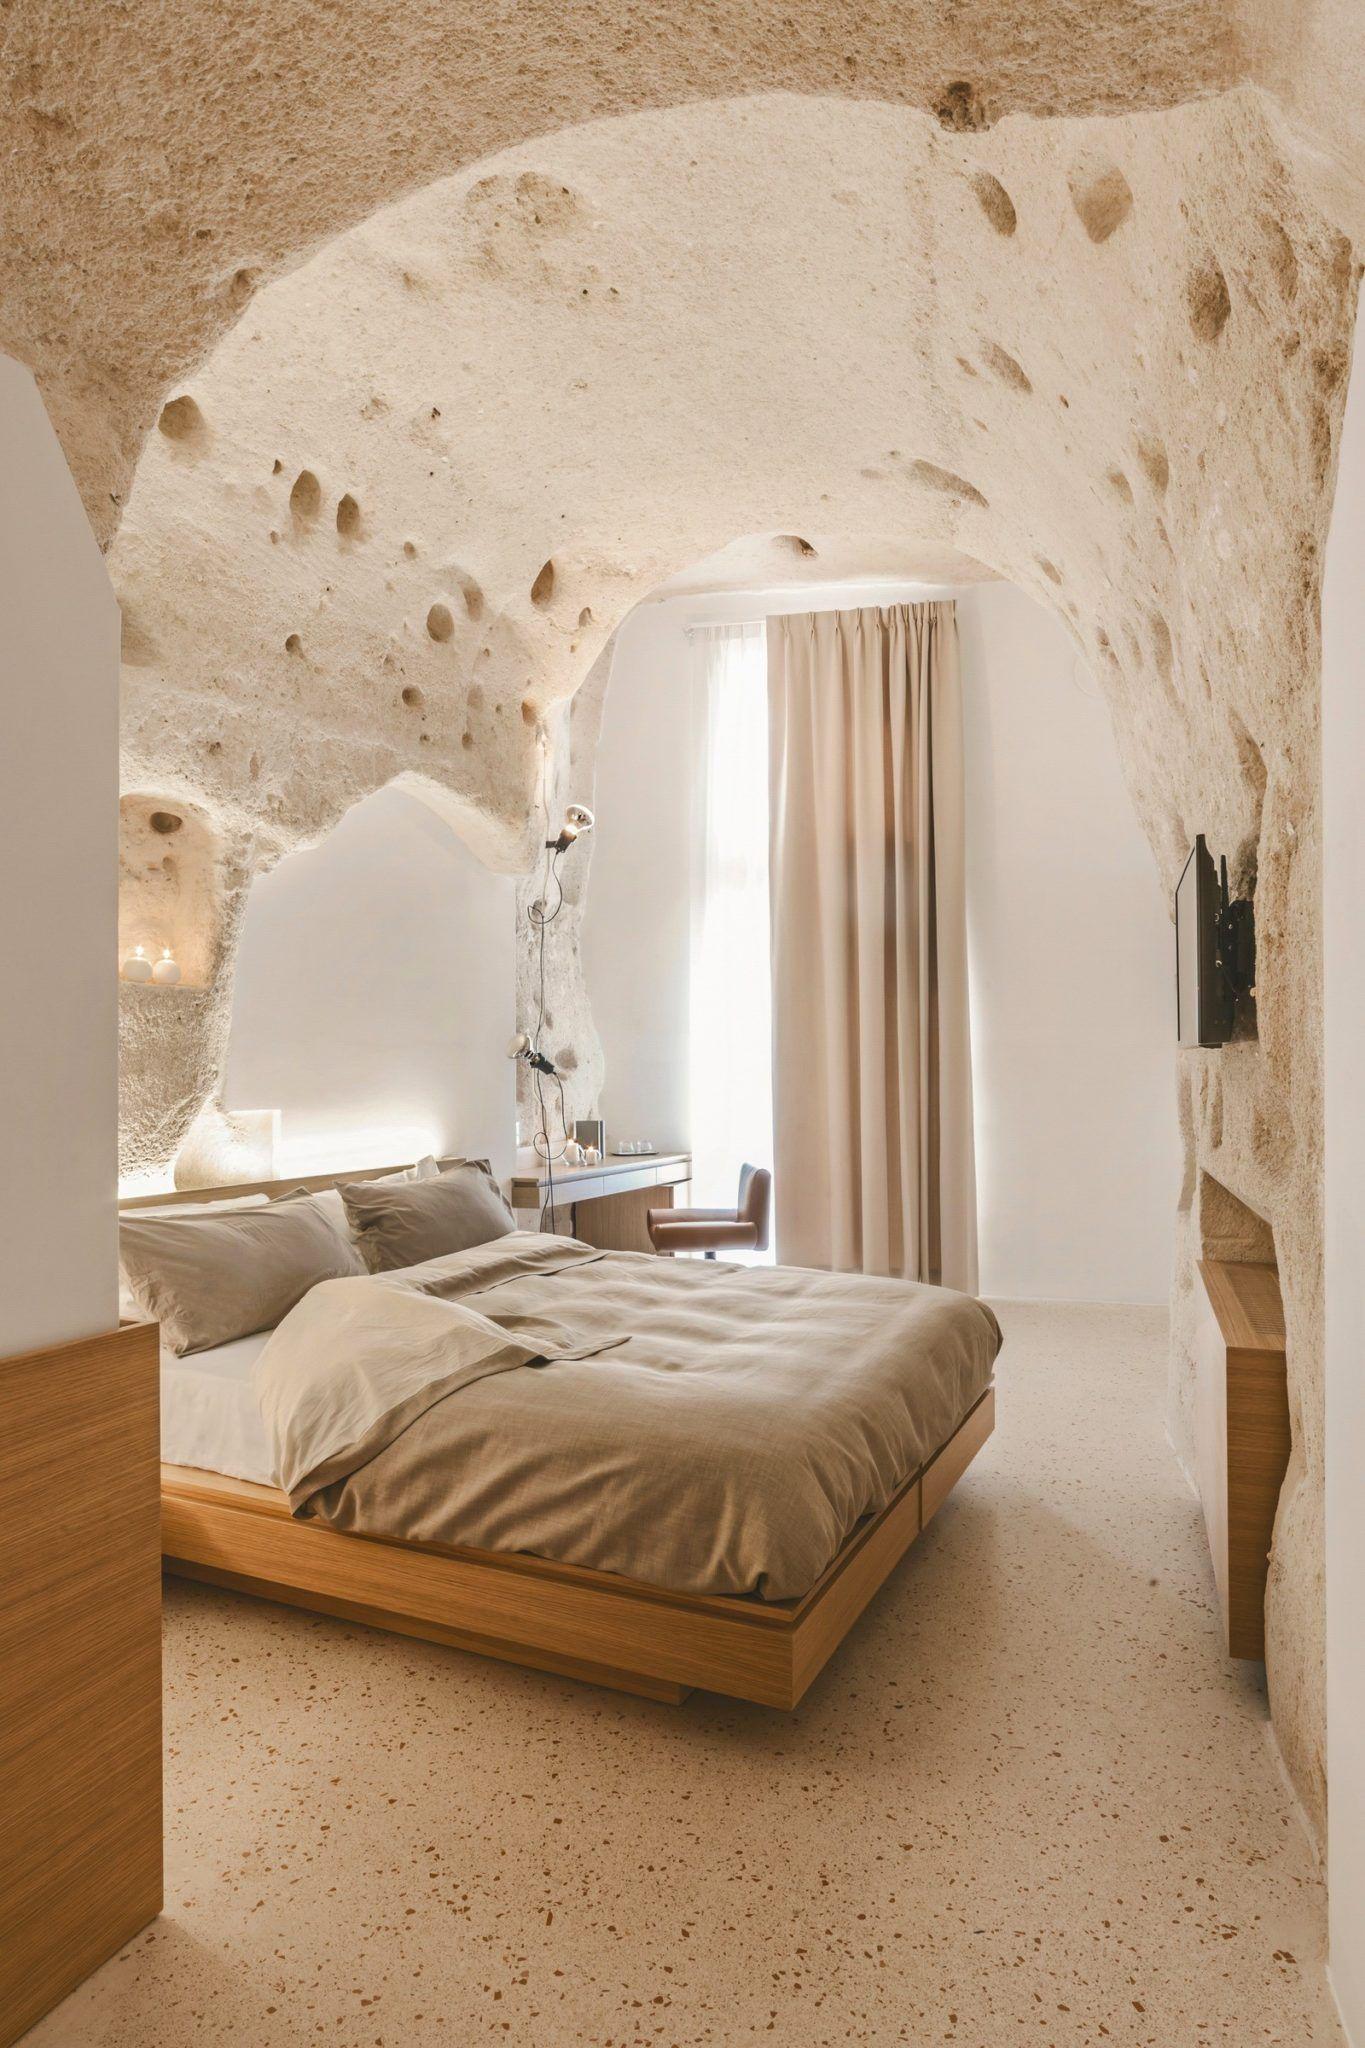 Amazing ARCHITECTURE Du0027INTERIEUR: Le Style Homme Des Cavernes